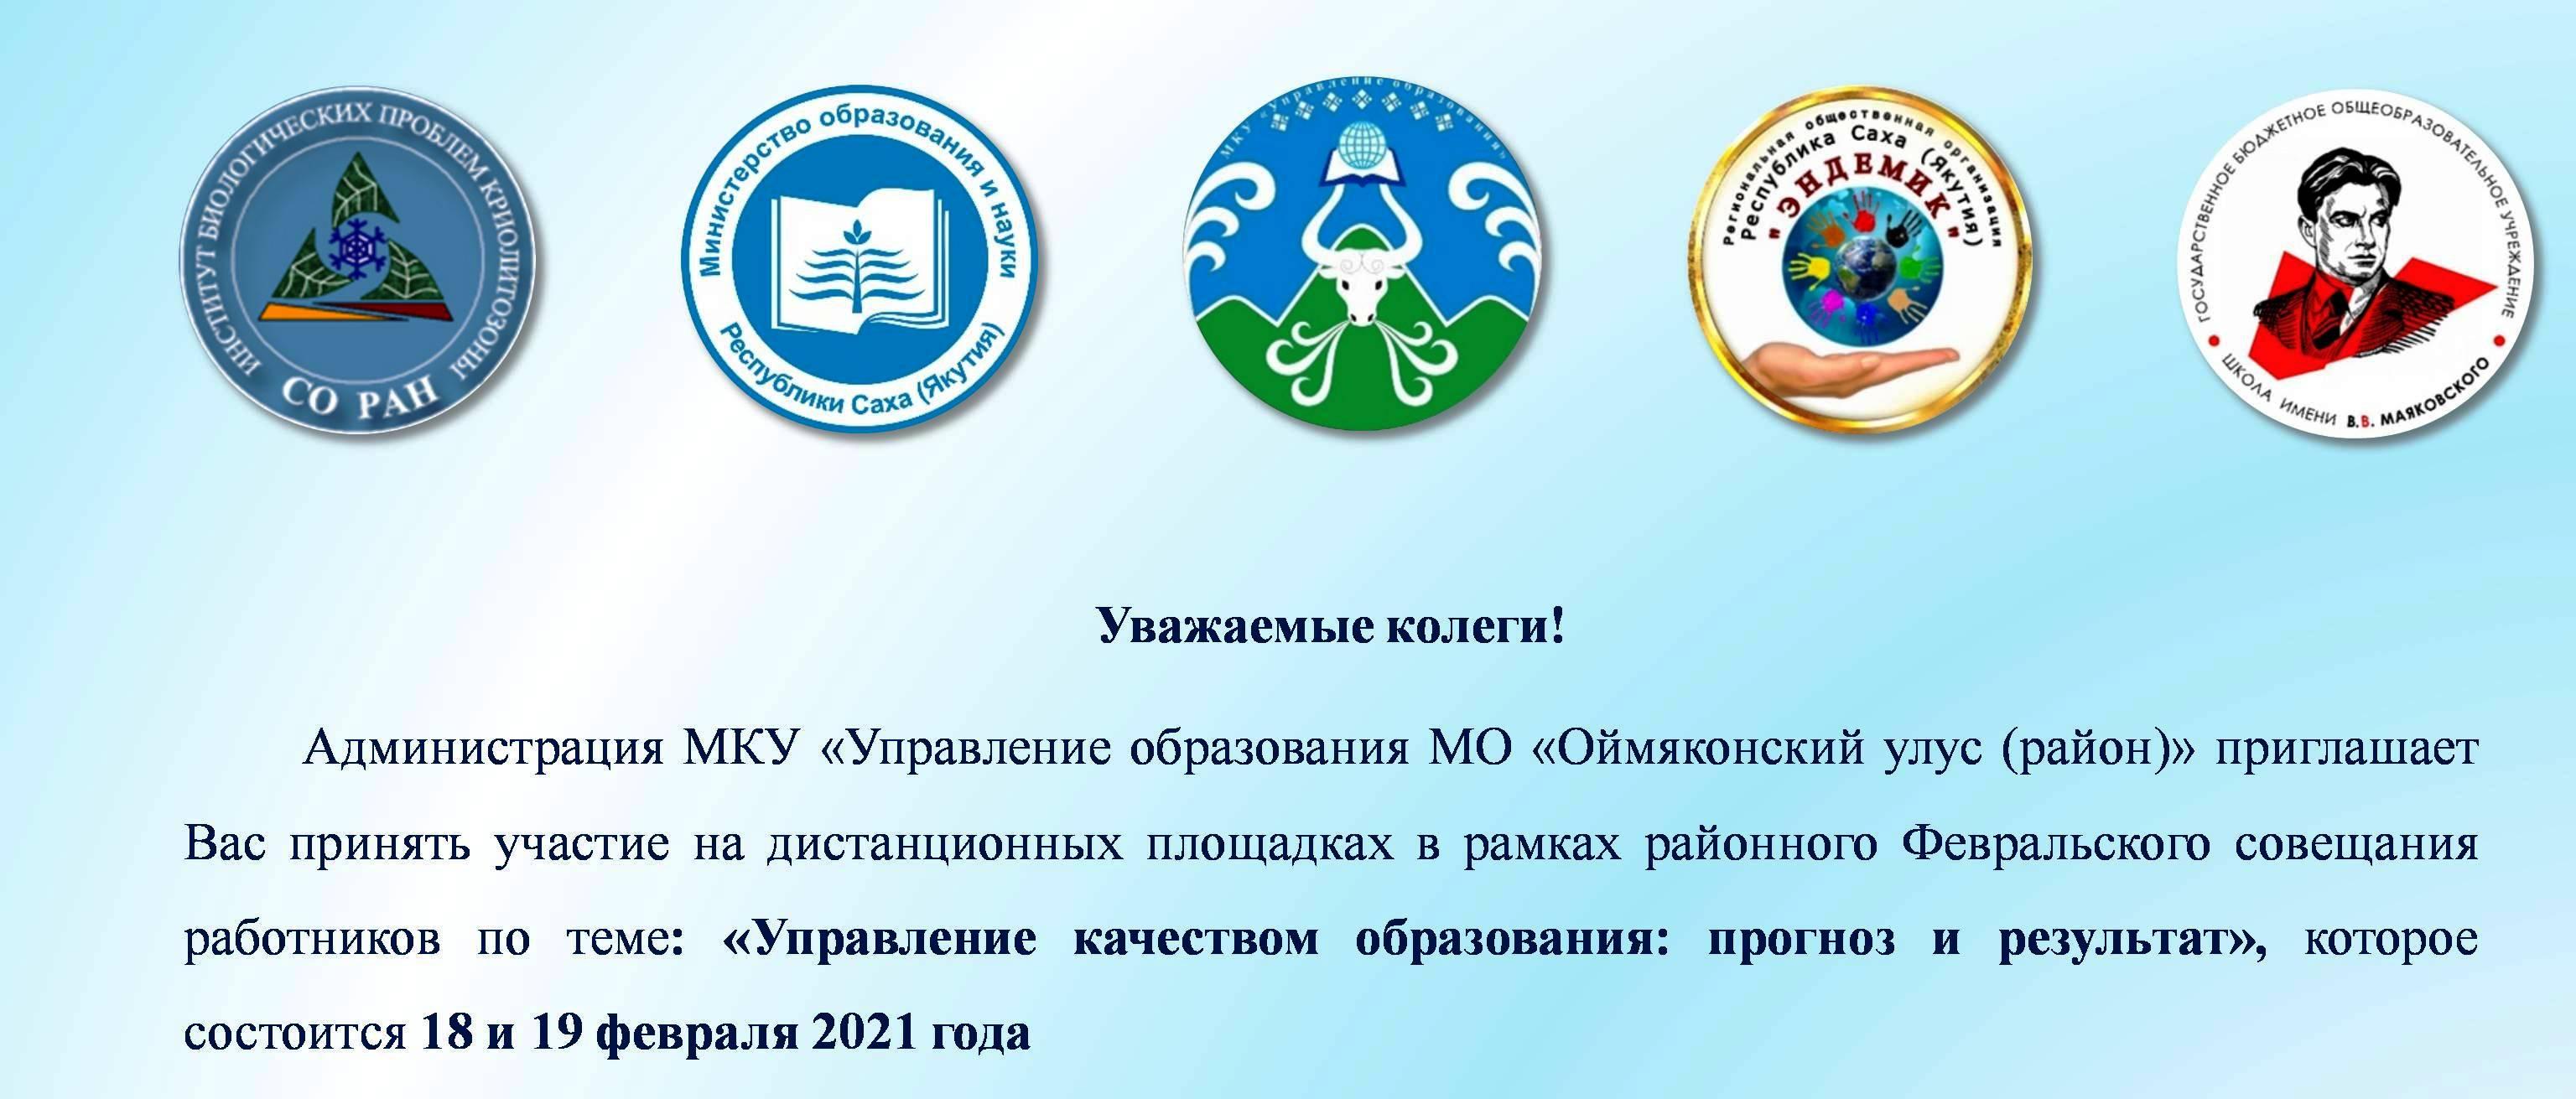 Программа февральского совещания работников образования